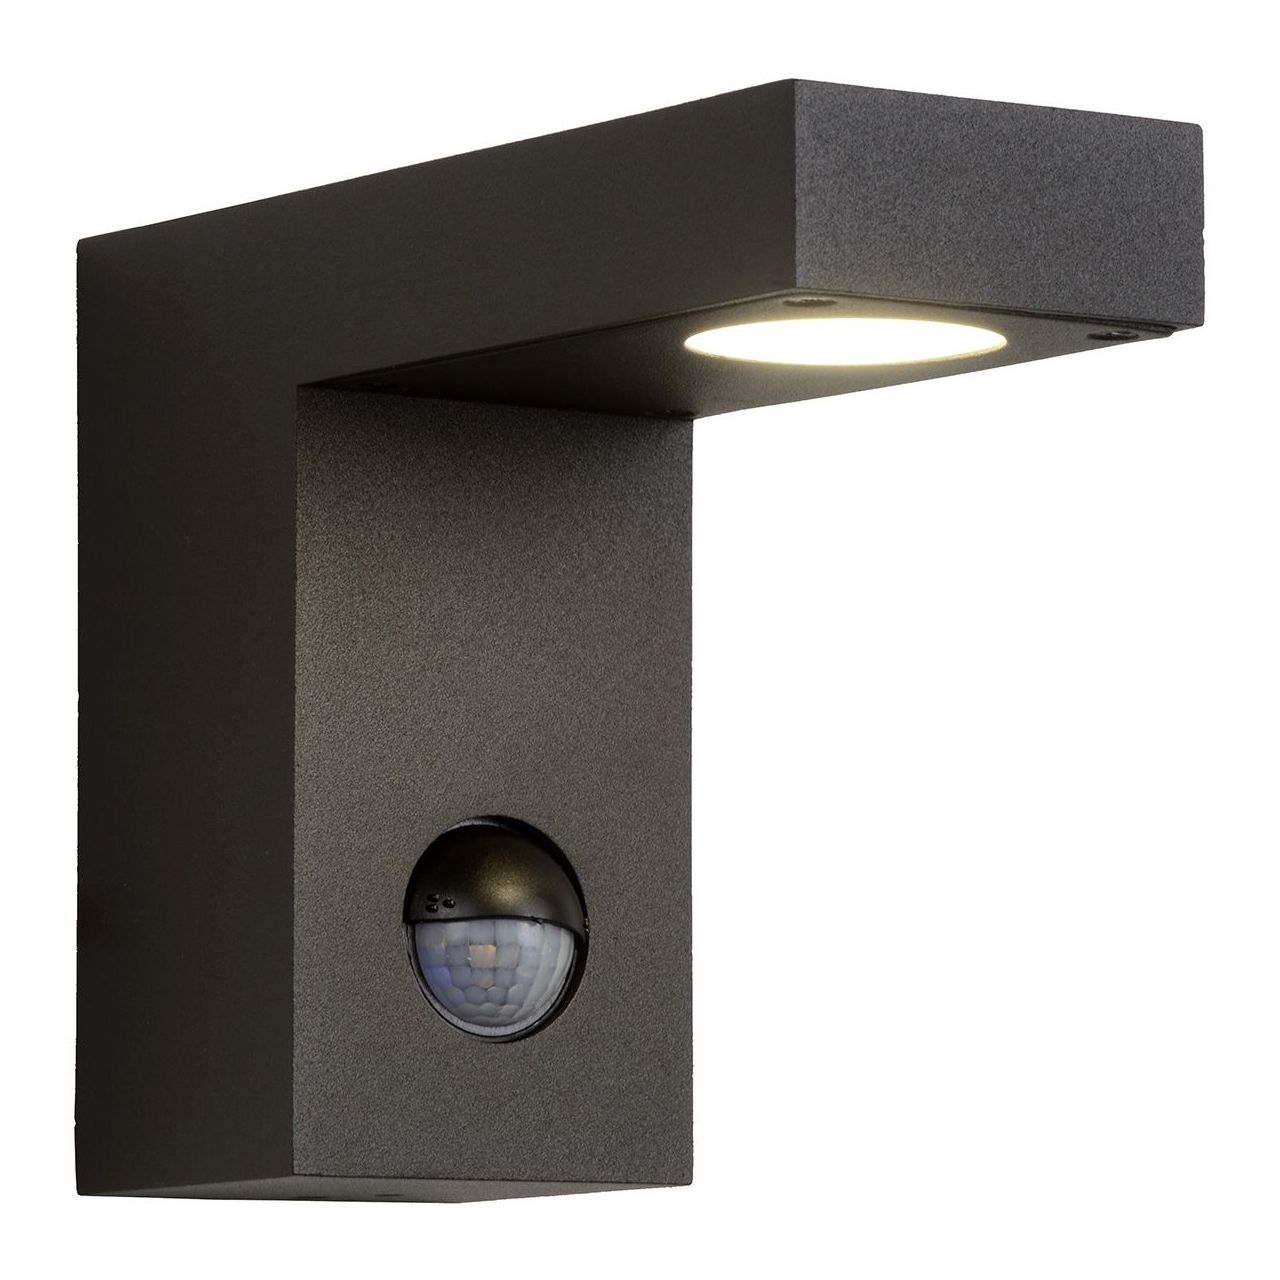 Уличный настенный светодиодный светильник Lucide Texas 28850/24/30 lucide уличный светильник lucide texas 28851 60 30